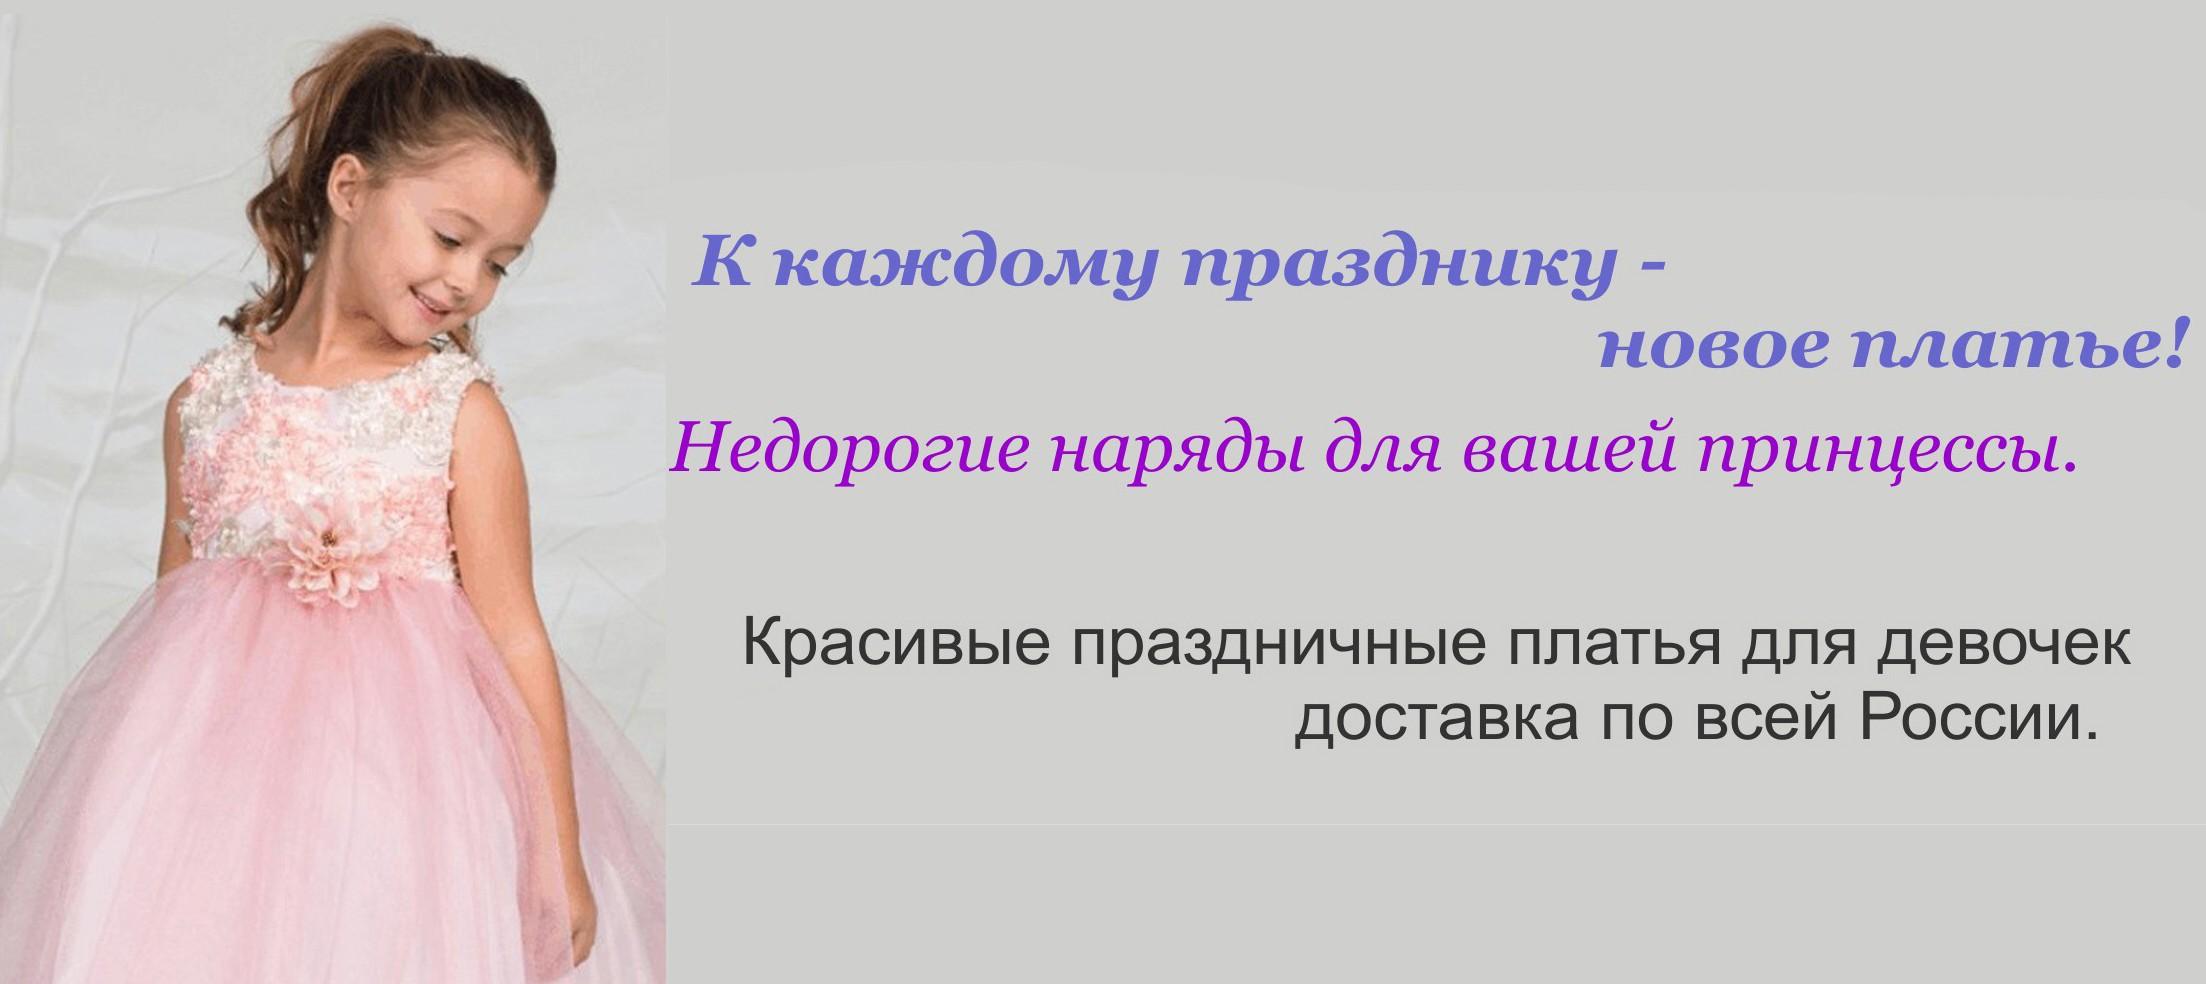 2734c54825770c7 Интернет-магазин платьев и нарядной детской одежды для девочек ...